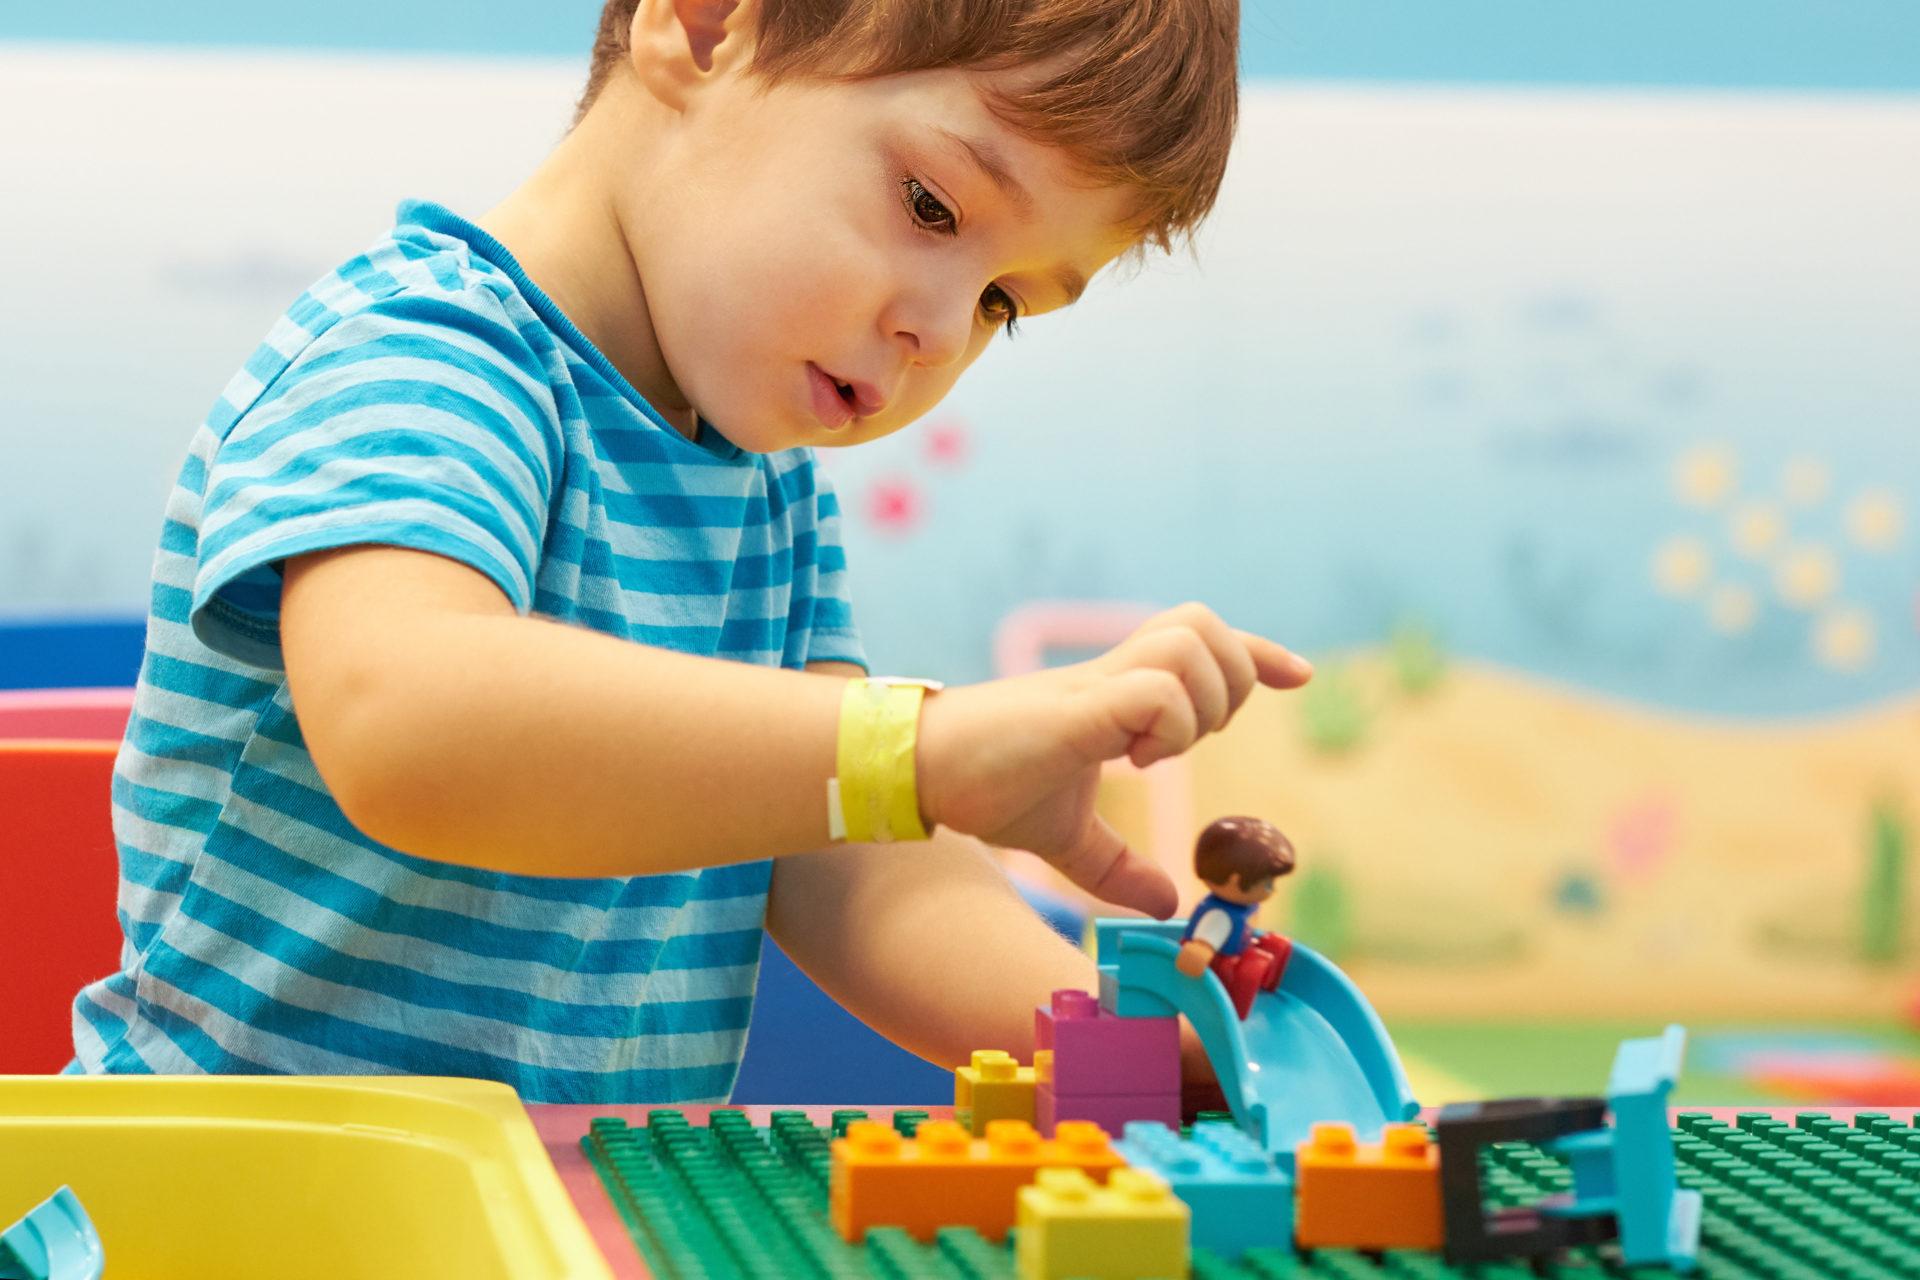 Jeu, Jouet Enfant - Jeu Enfant 2 Ans, 3 Ans, 4 Ans Et 5 Ans à Jeux Bebe 3 Ans